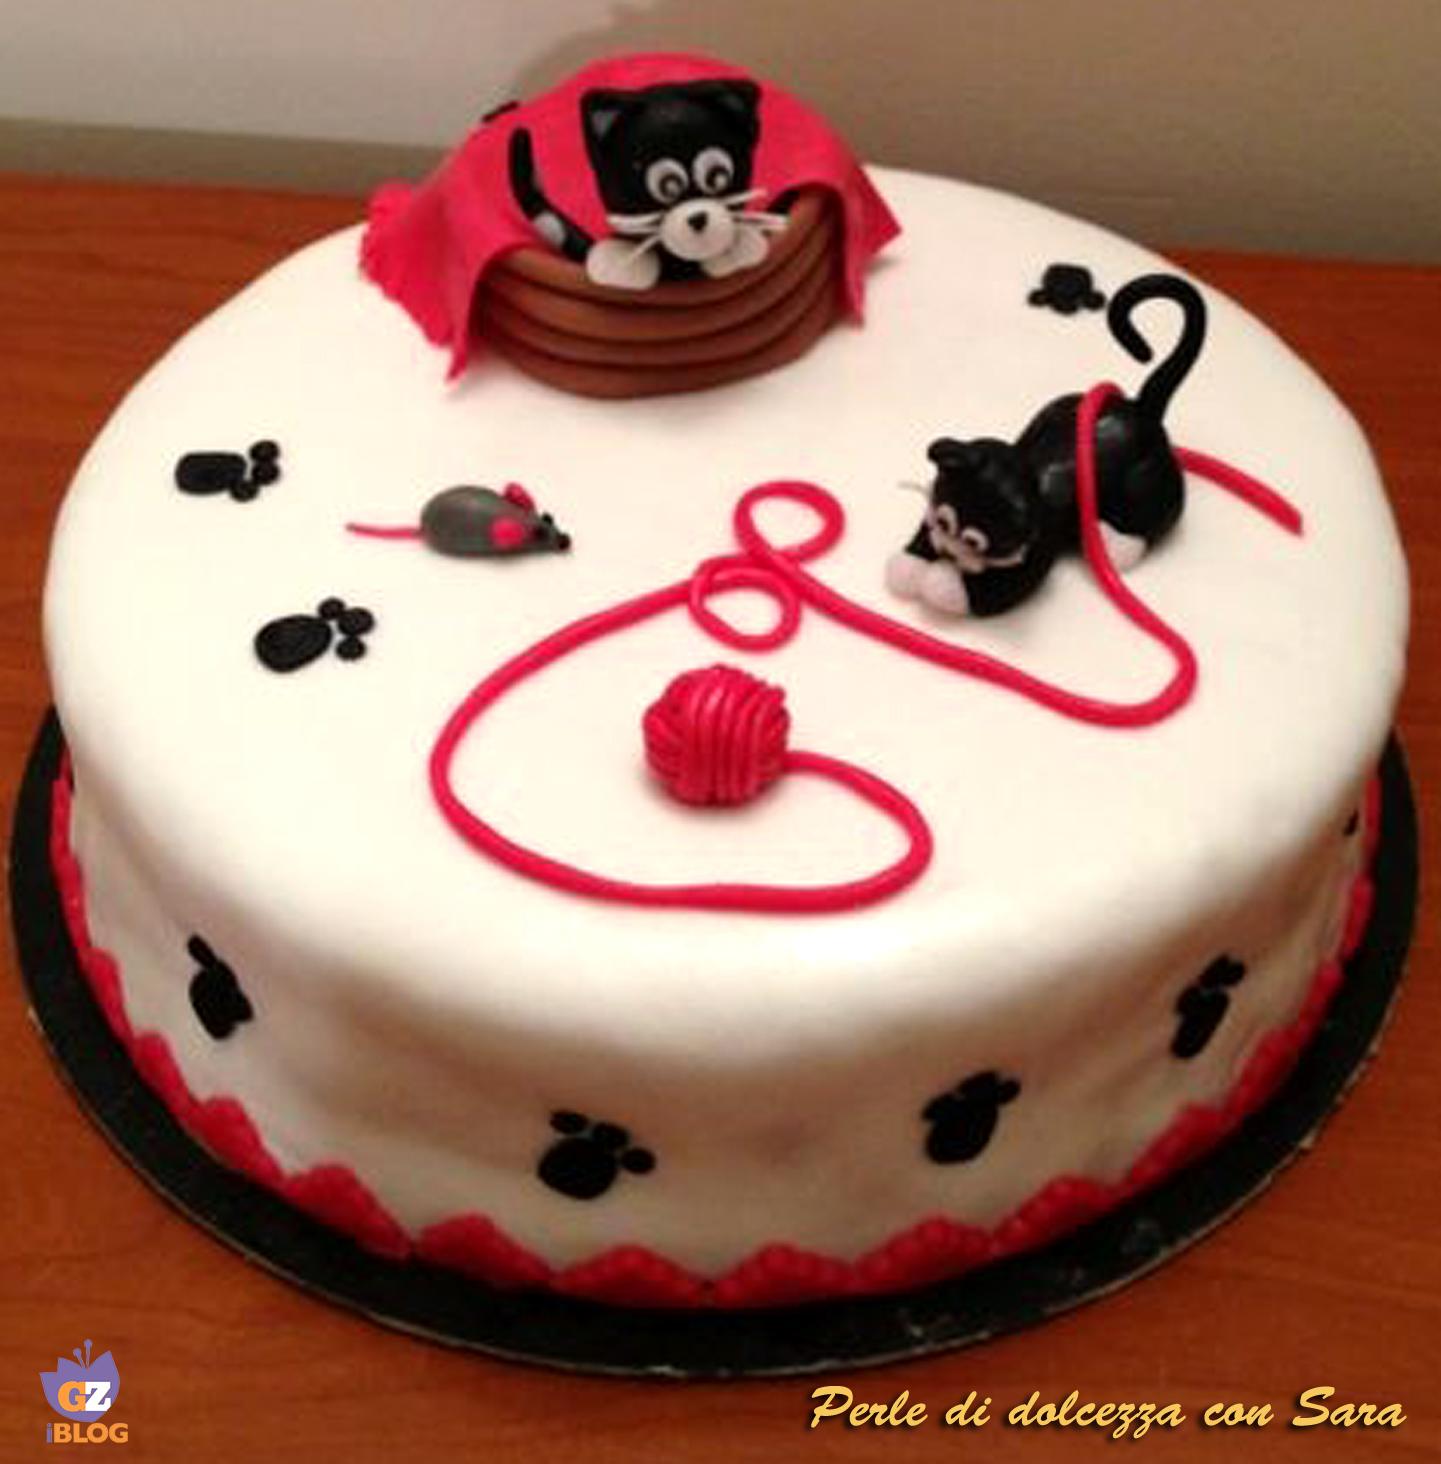 Torta Cake Design Dentista : Cake design: torta mamma gatta e micetto /CUCINA CON SARA